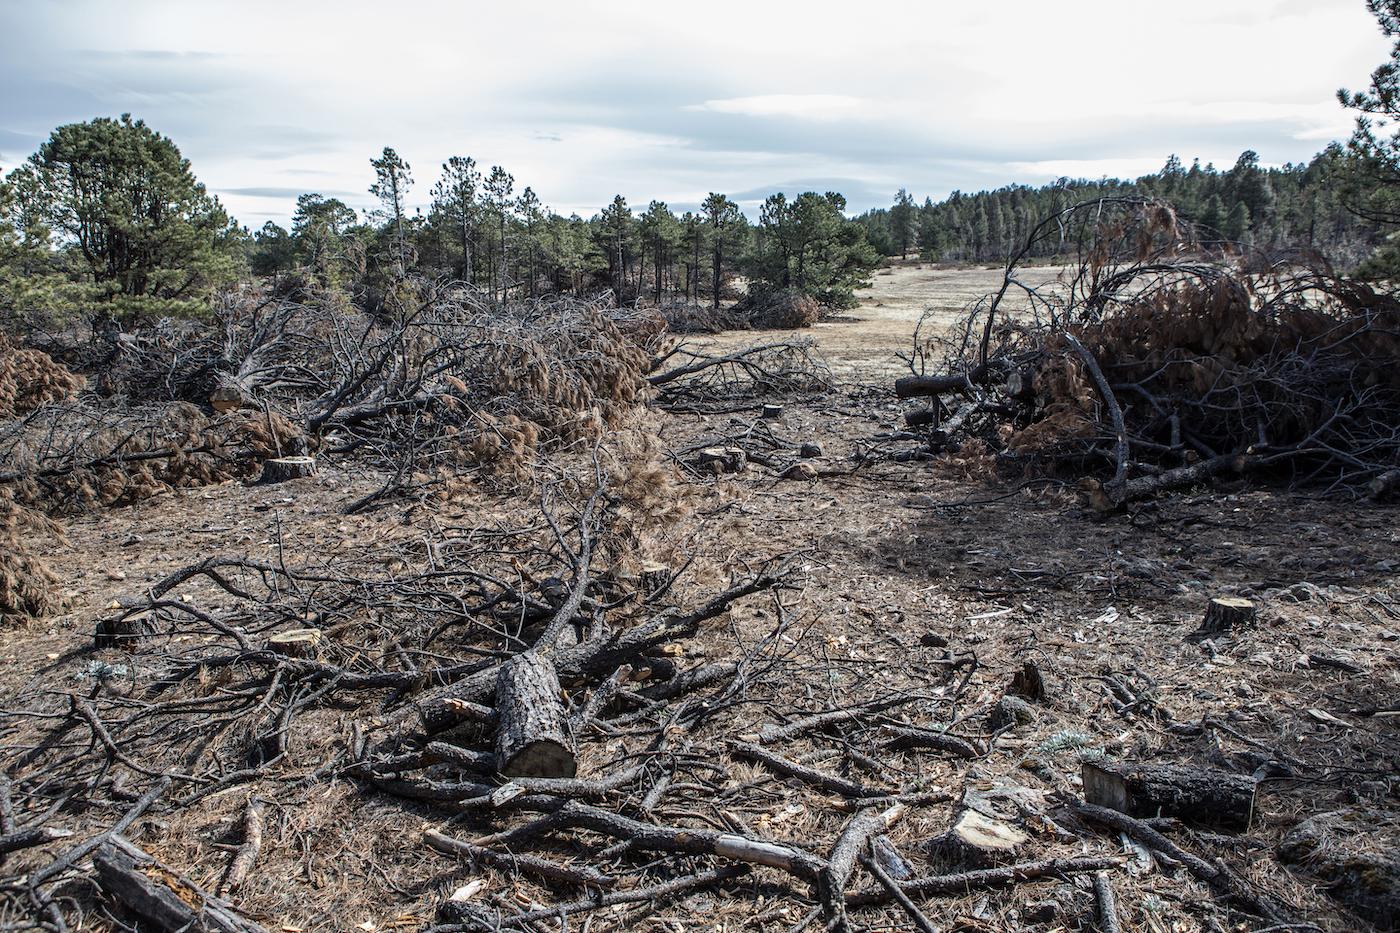 Árboles cortados son vistos en el Ejido de Panalachi, Comunidad de Bahuinocachi en la Sierra Madre Occidental, Estado de Chihuahua, México. Foto: Ginnette Riquelme.